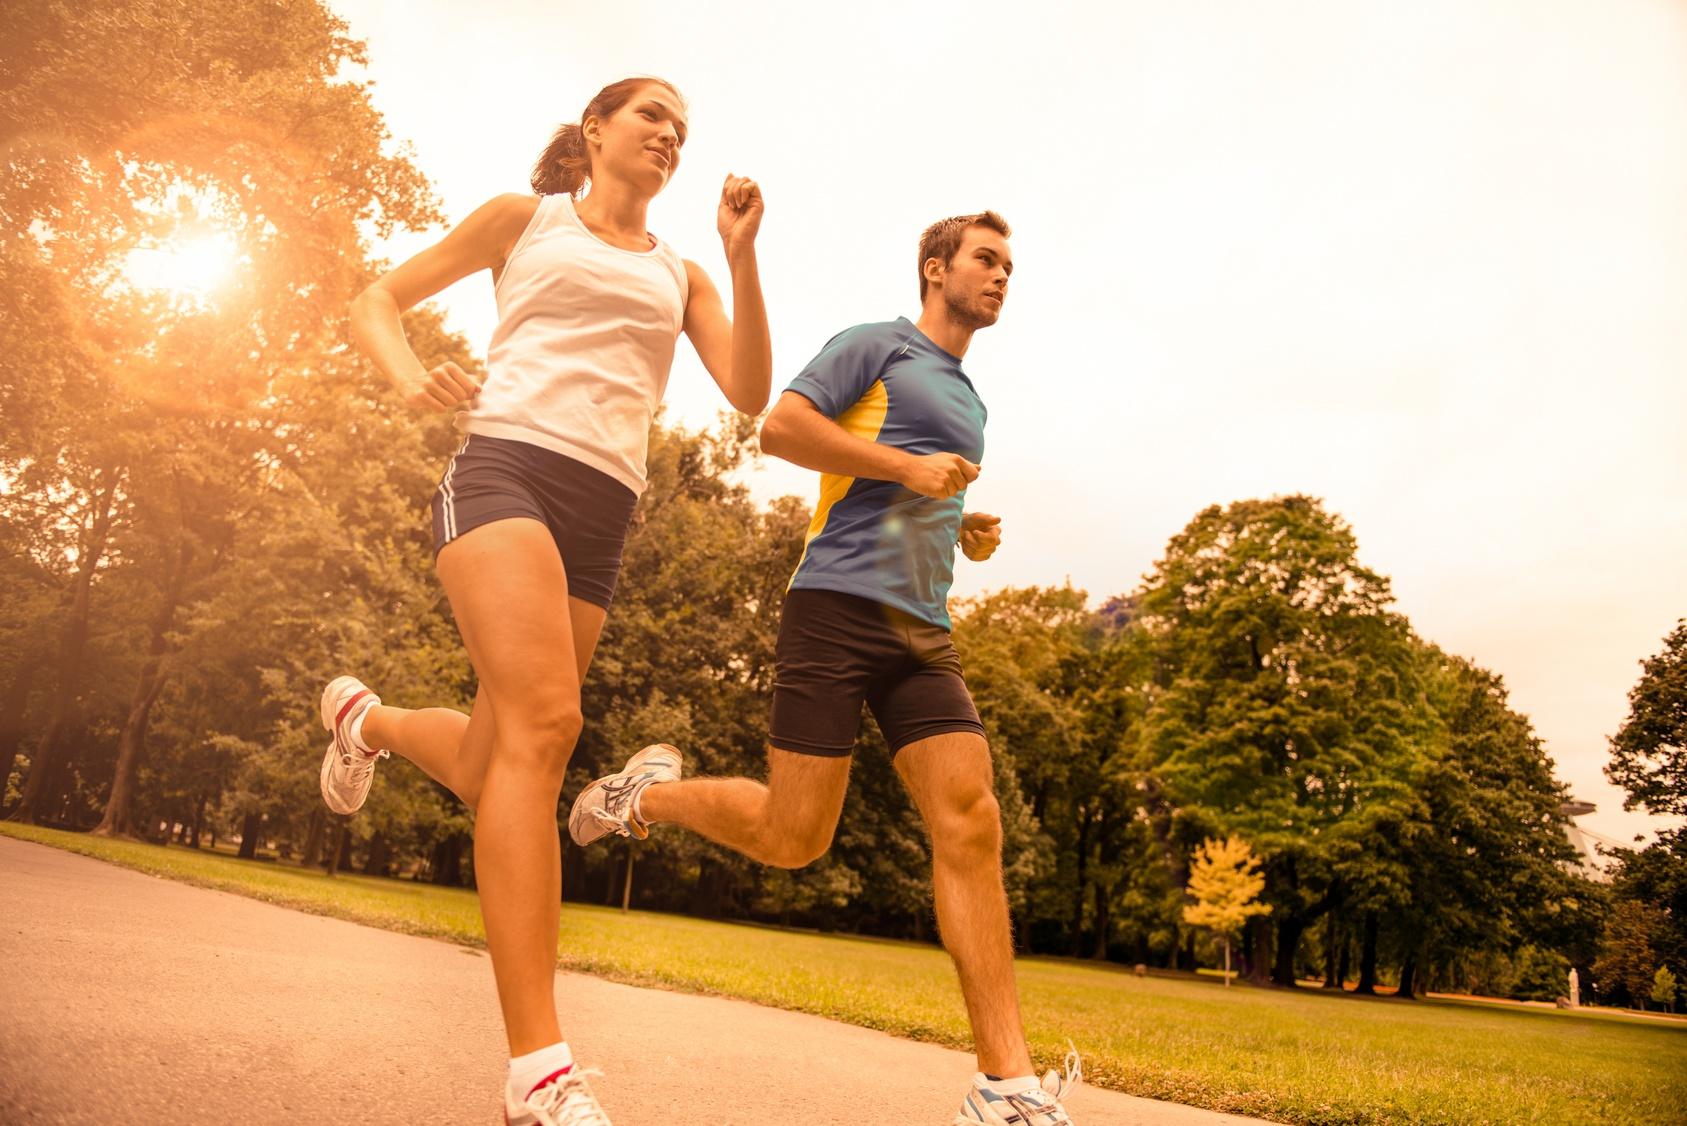 Gesundheit und Fitness